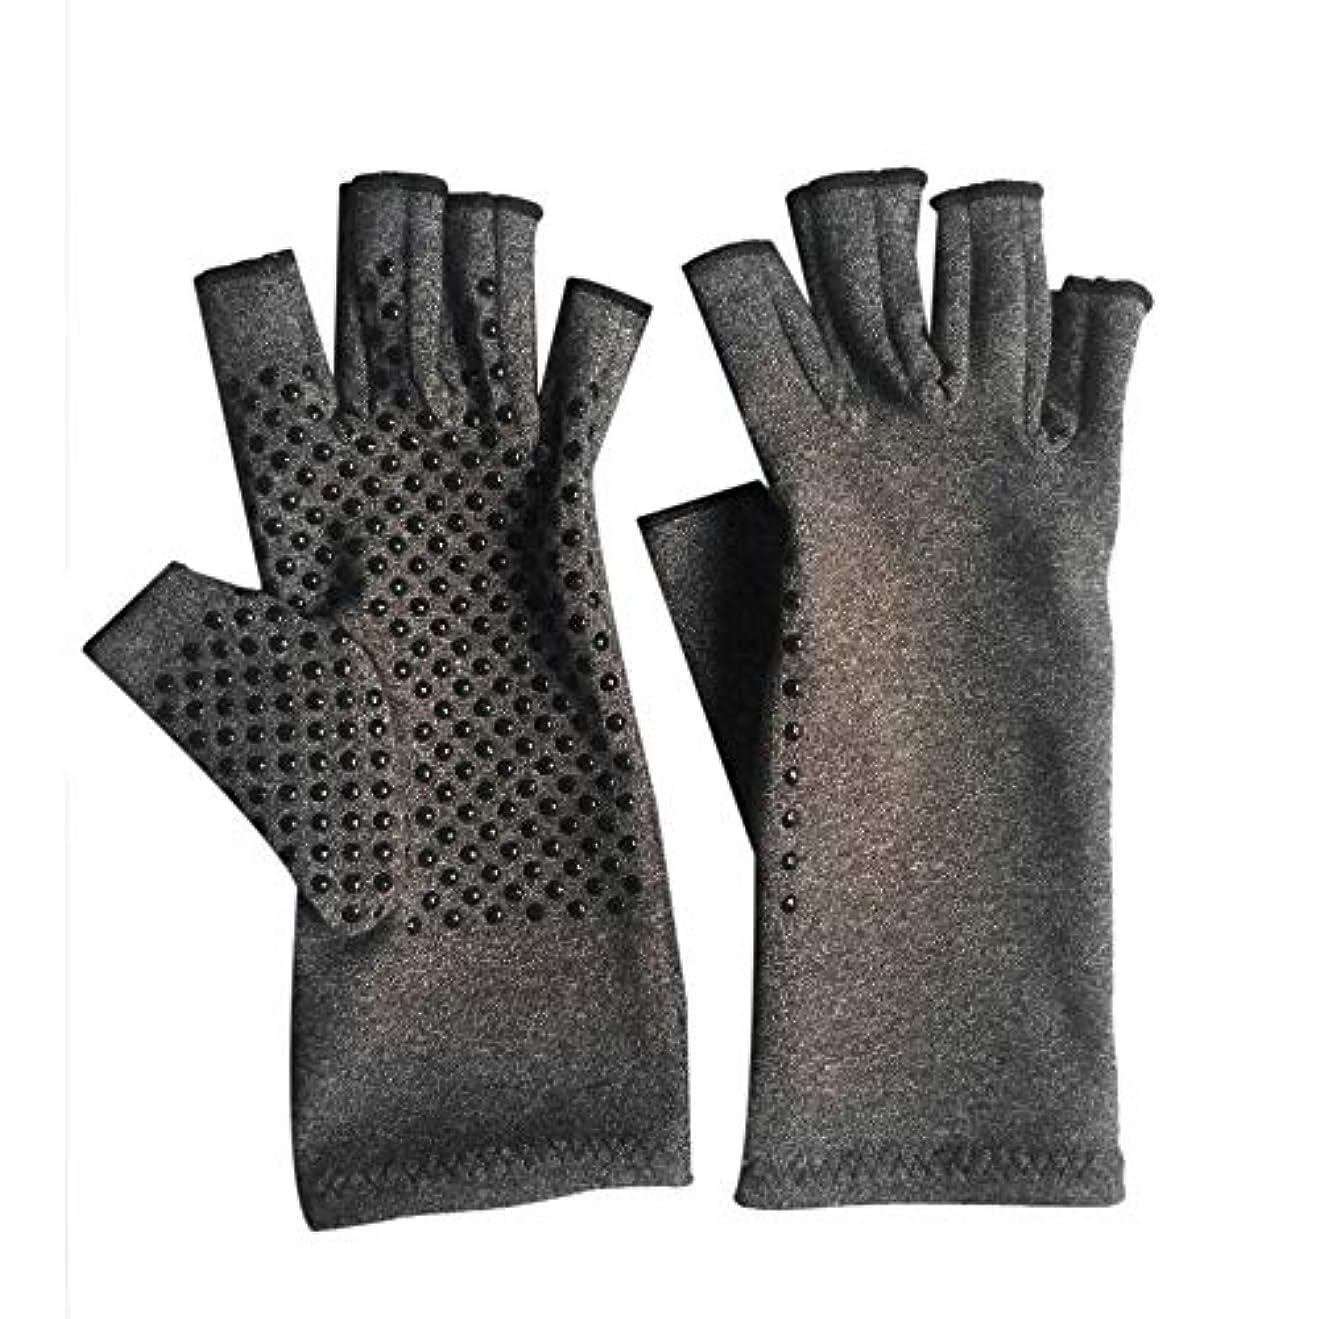 ガレージペデスタルリアル1ペアユニセックス男性女性療法圧縮手袋関節炎関節痛緩和ヘルスケア半指手袋トレーニング手袋 - グレーM